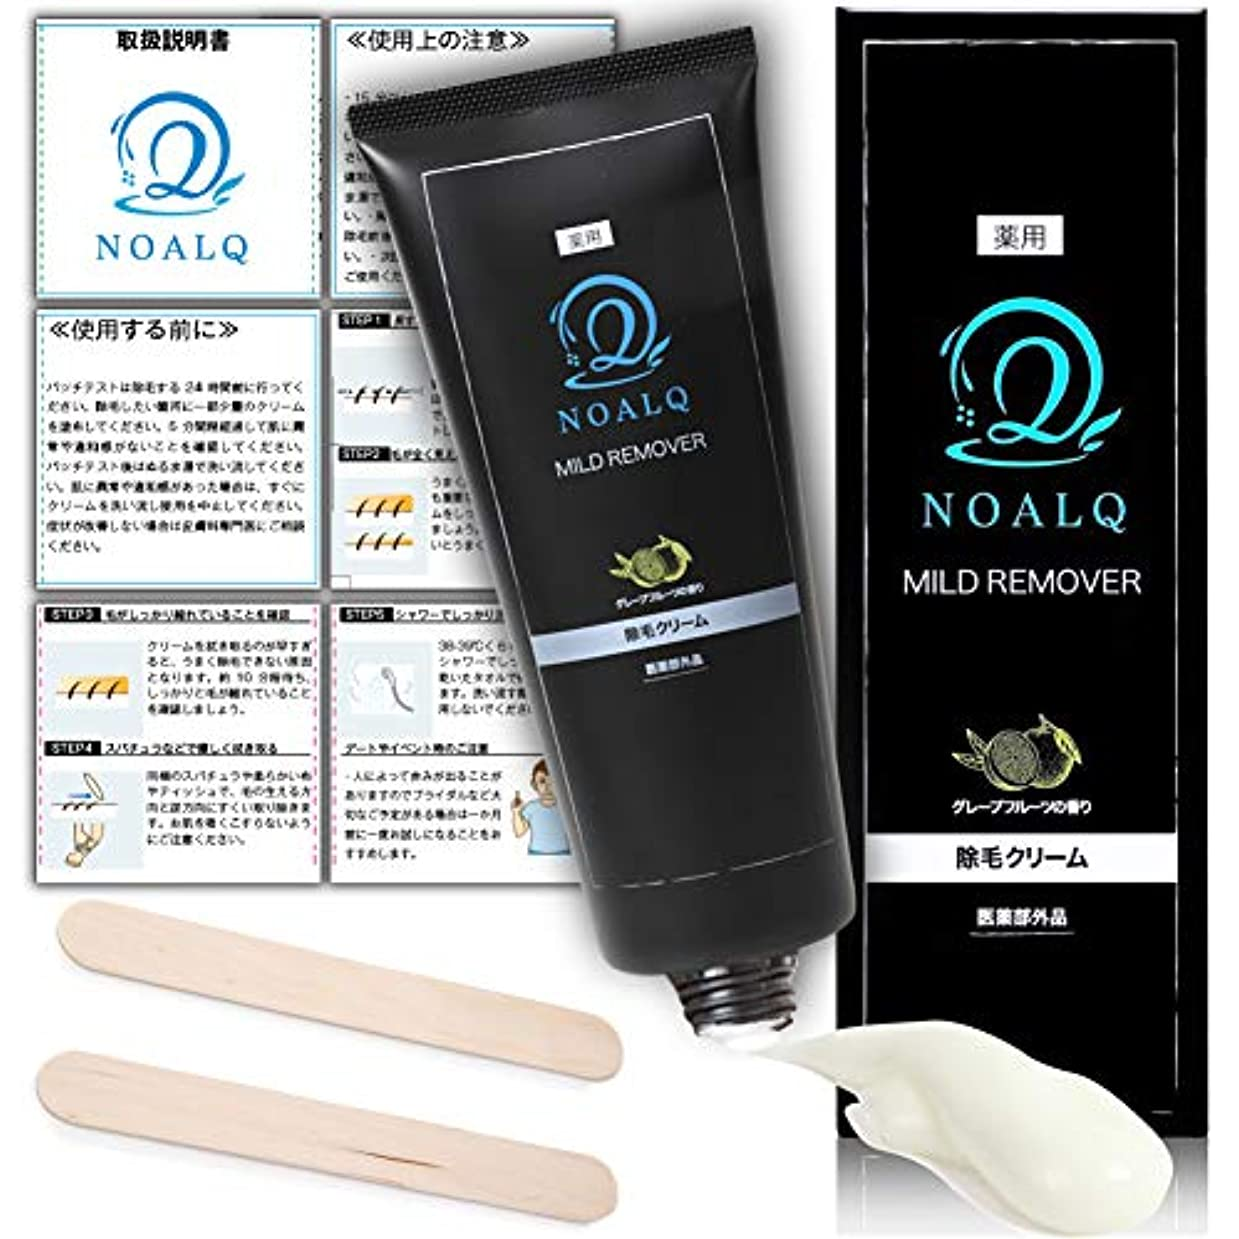 フィードバック絶対にダーリンNOALQ(ノアルク) 除毛クリーム 薬用リムーバークリーム 超大容量220g メンズ [陰部/VIO/アンダーヘア/ボディ用] 日本製 グレープフルーツフレーバータイプ